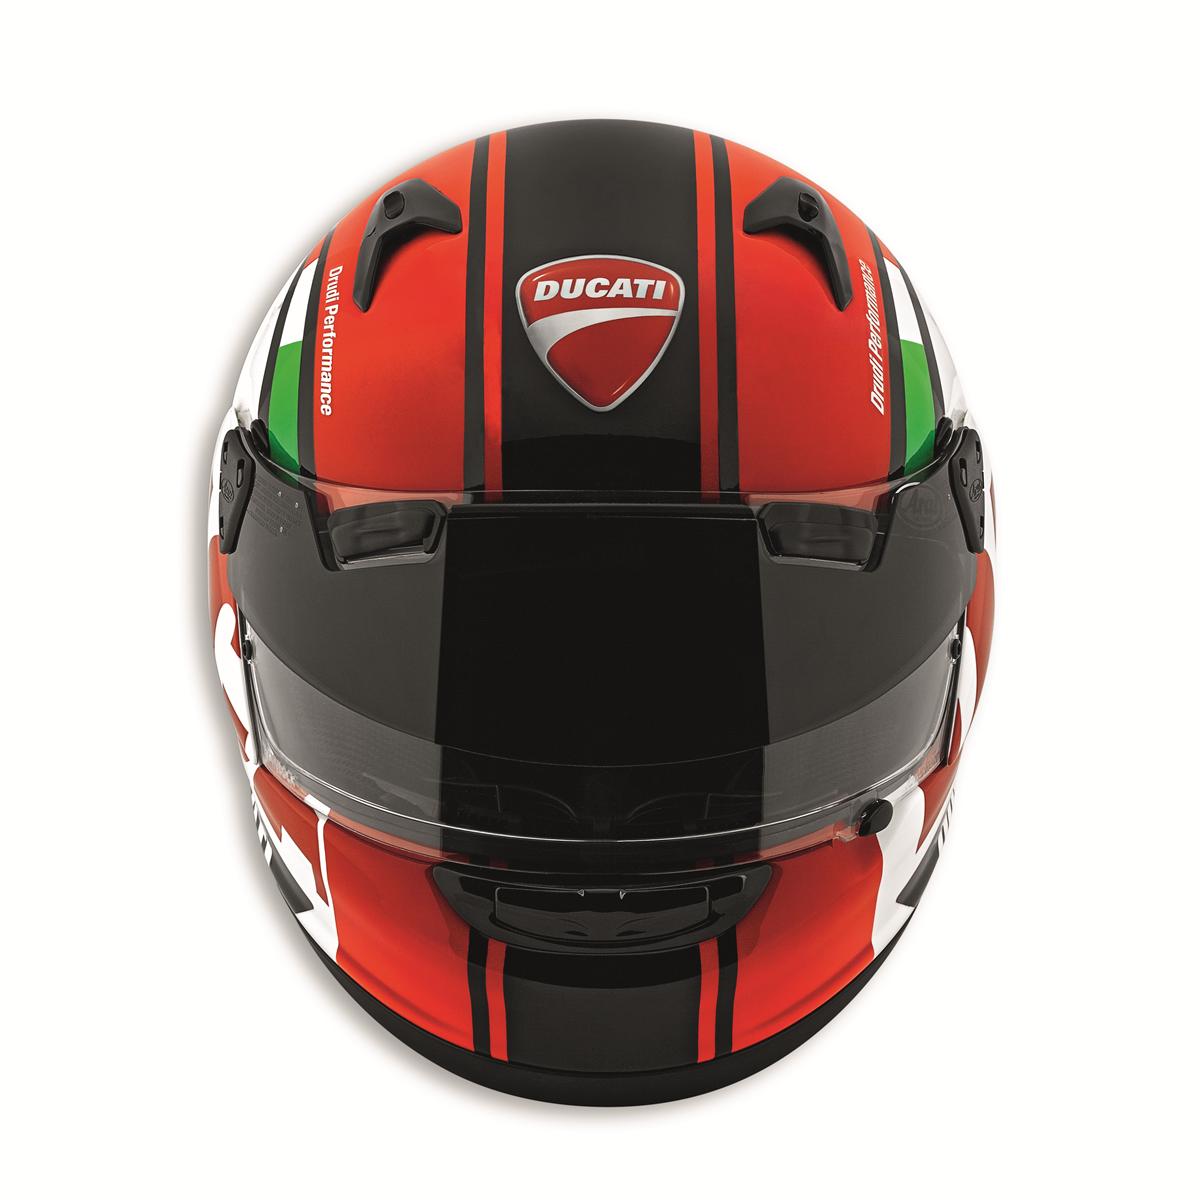 Casque arai quantum st pro ducati type pro s team motos for Ecran photochromique arai